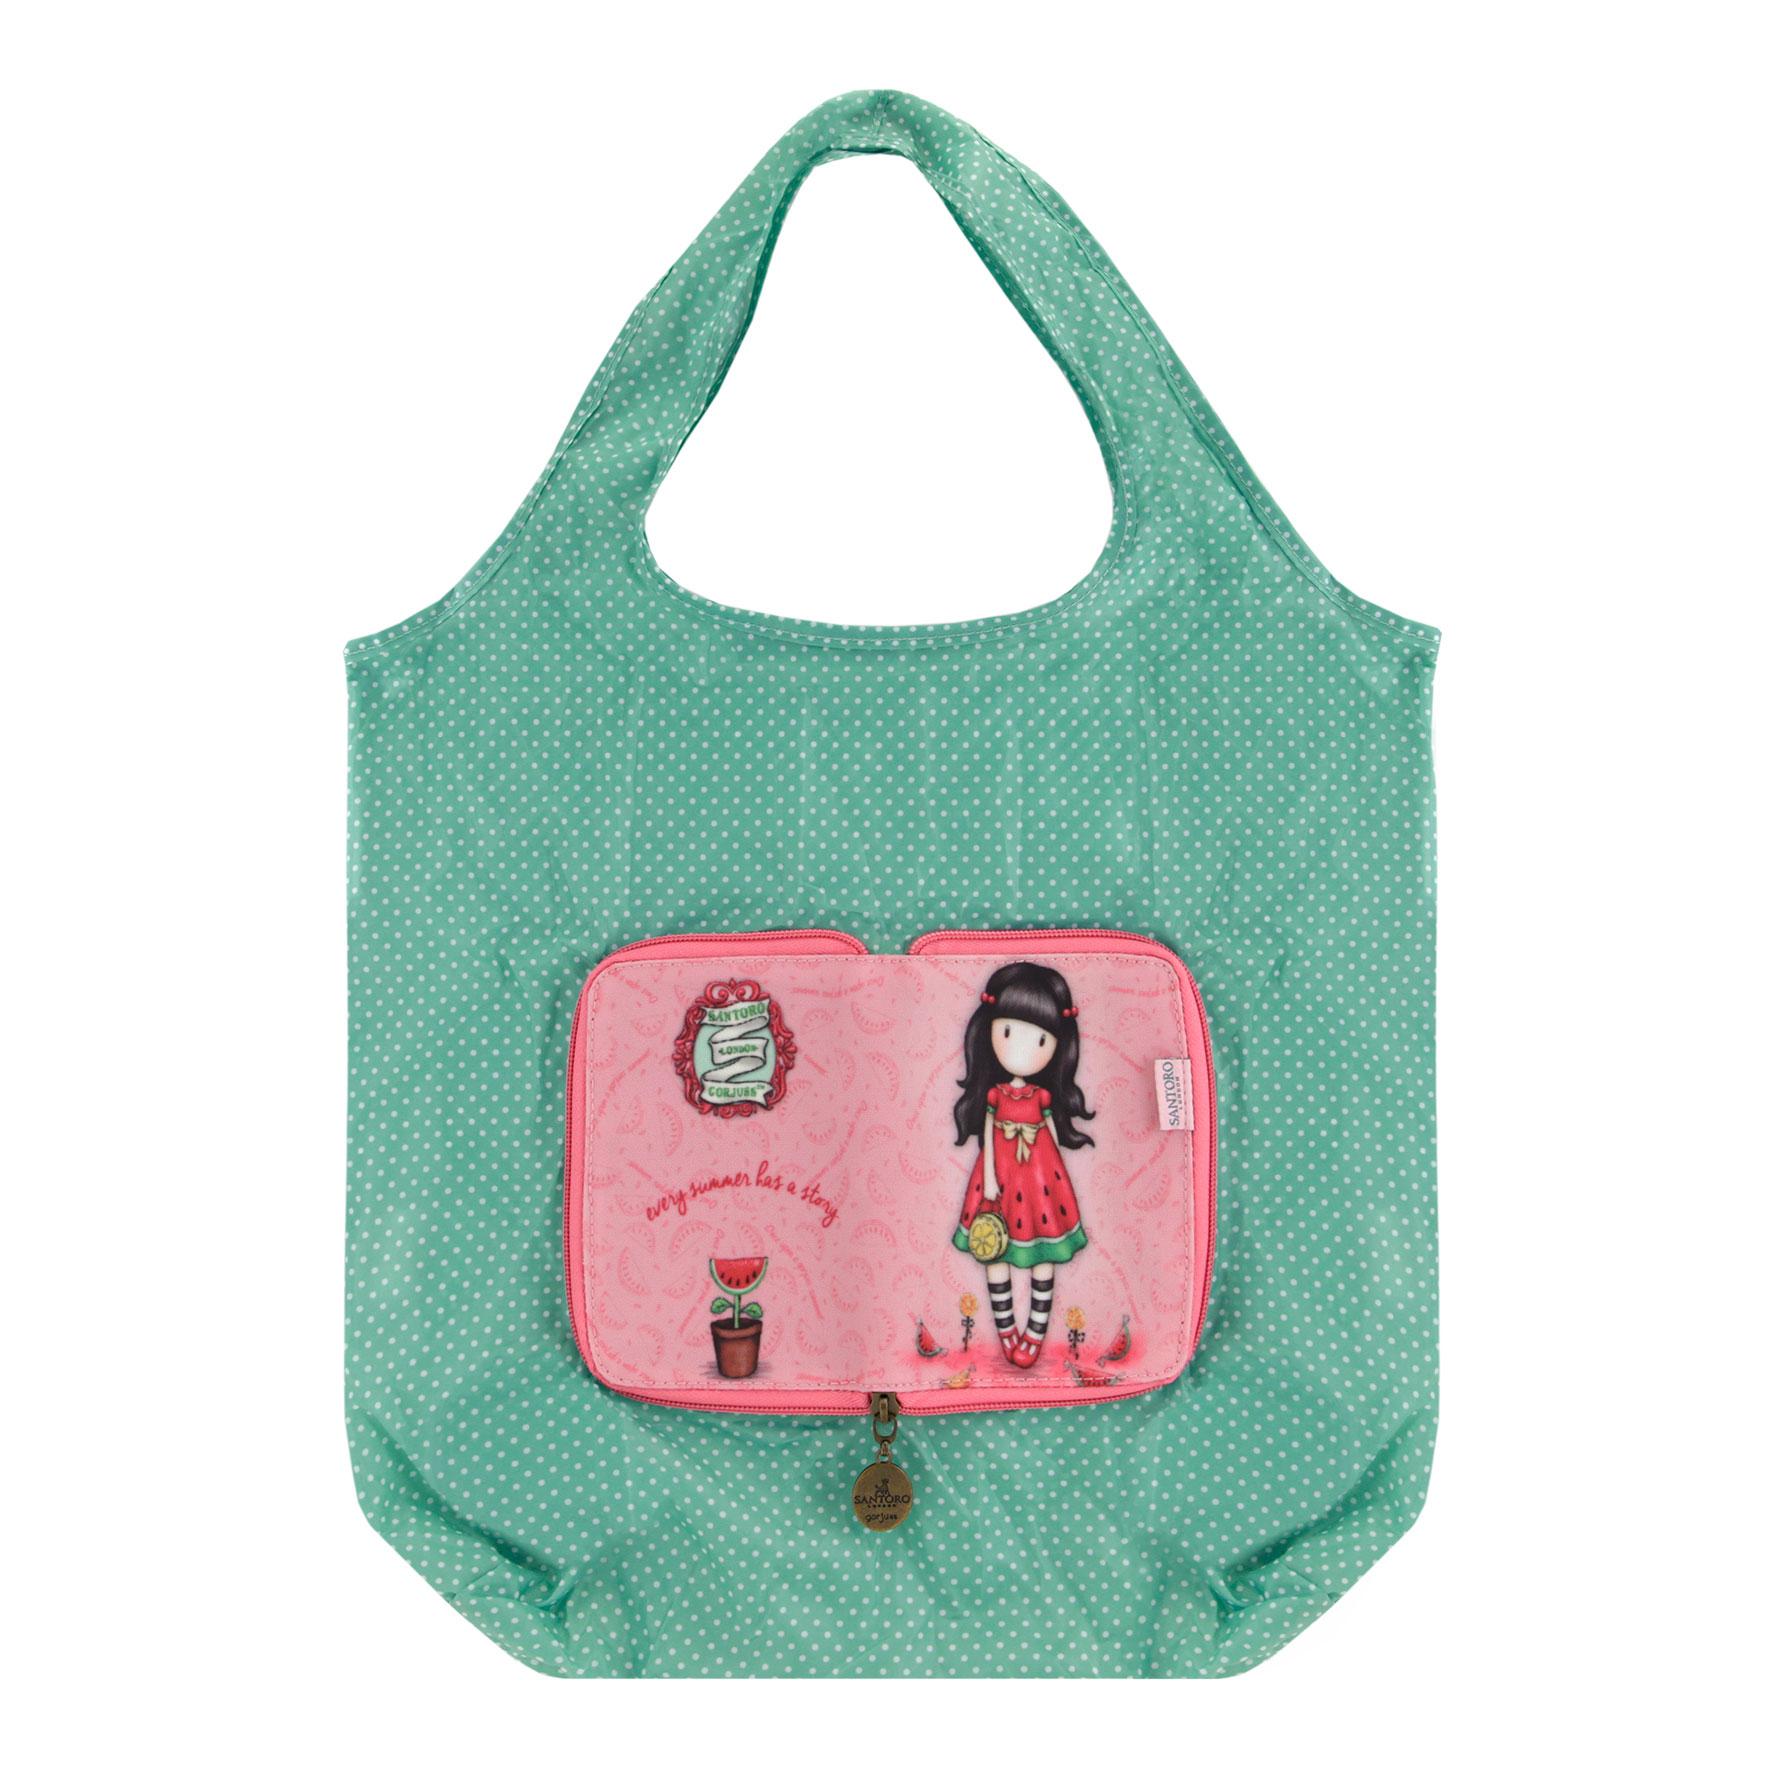 Складывающаяся сумка для покупок - Every Summer Has A Story из серии Gorjuss